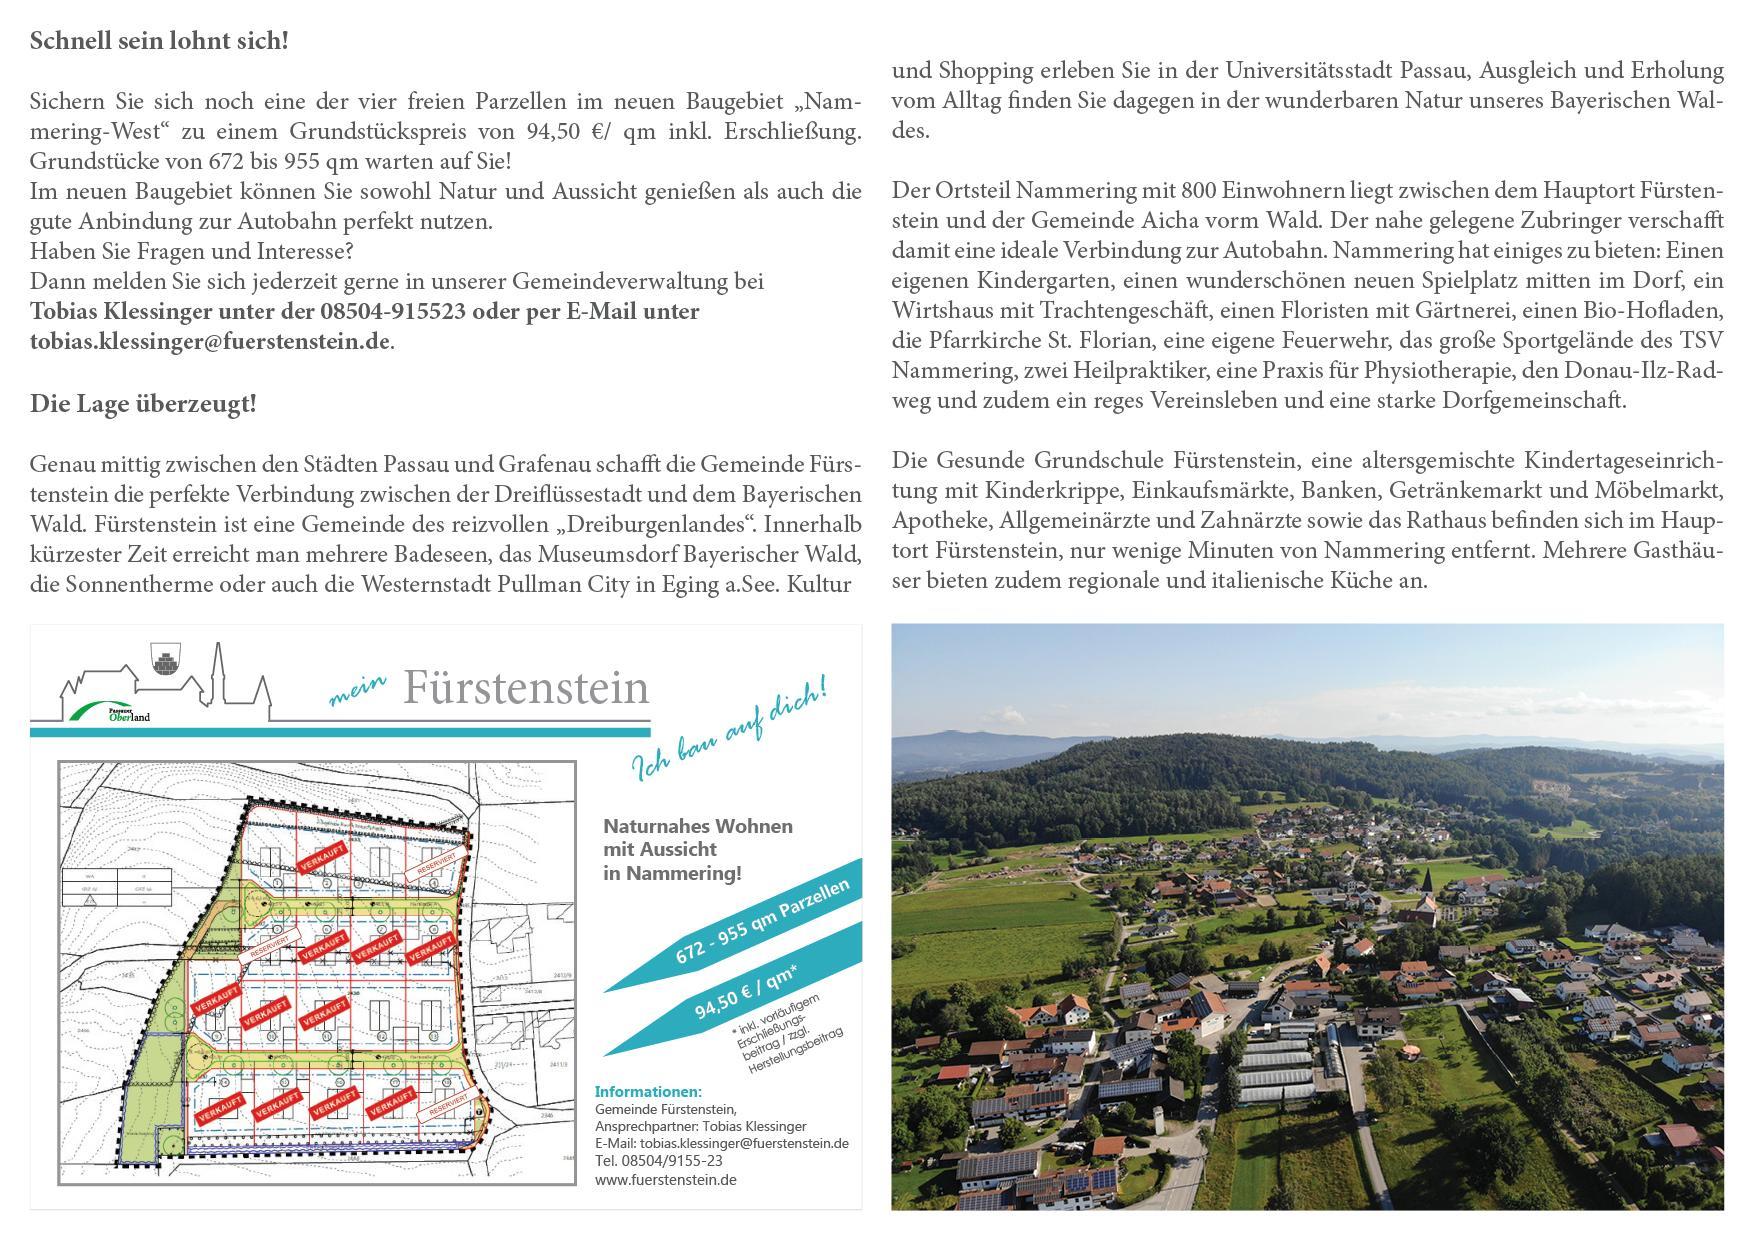 Baugebiet Nammering-West